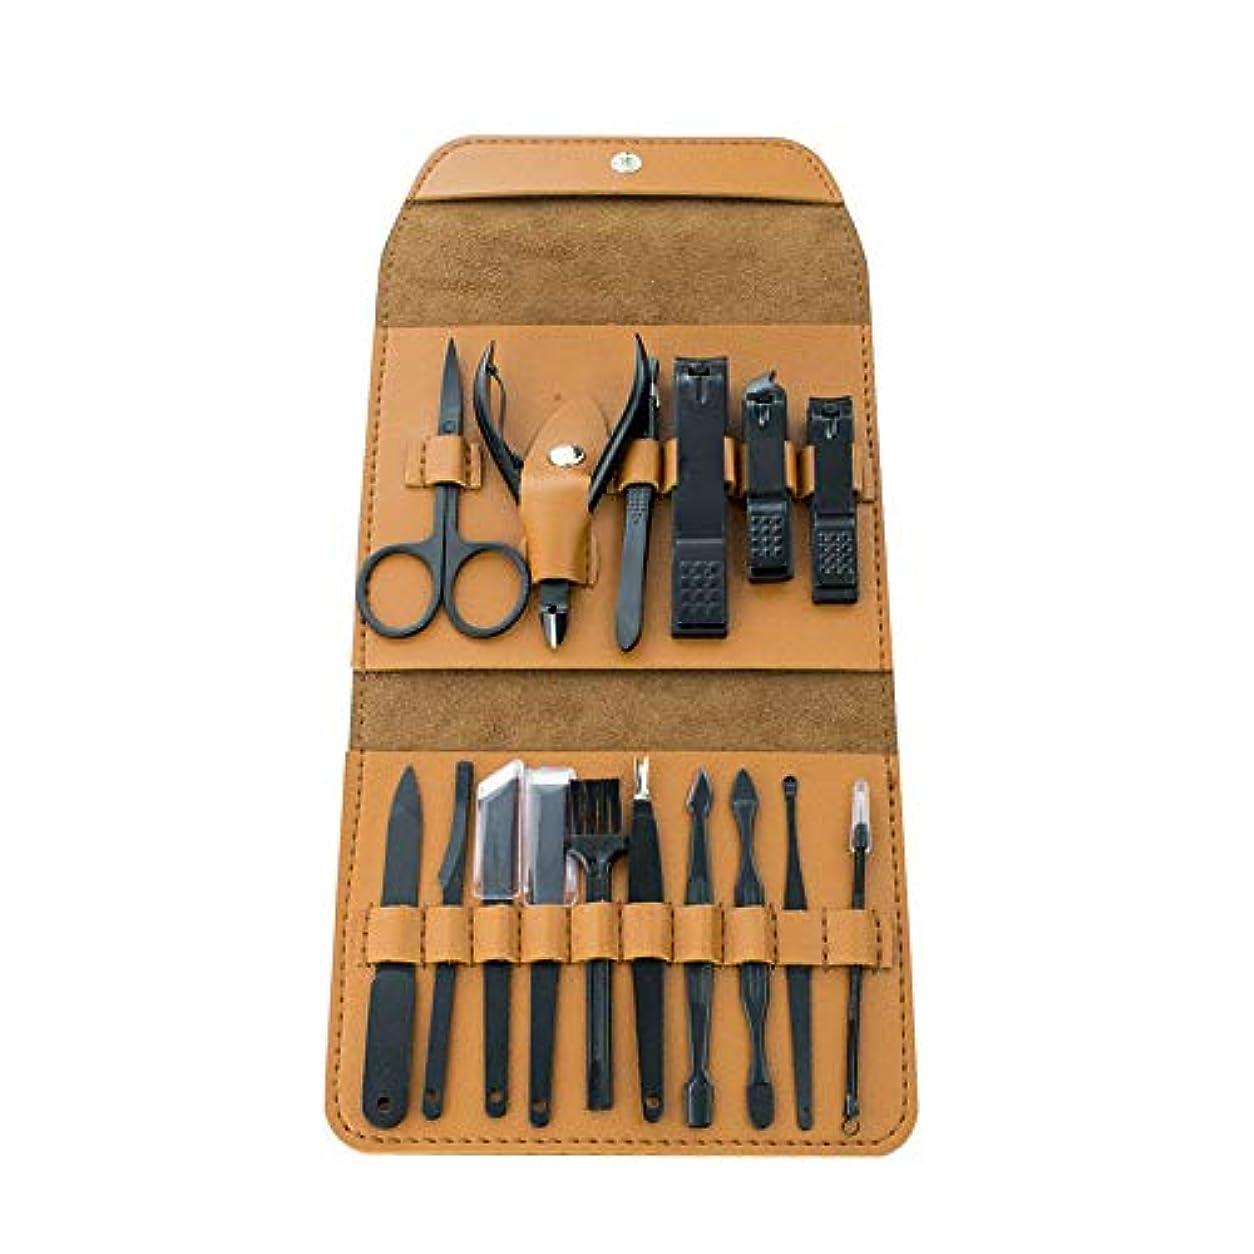 スムーズに同意する料理爪切りセット多機能 美容セット携帯便利男女兼用爪切りセット専用収納レザーケース付き、16点セット